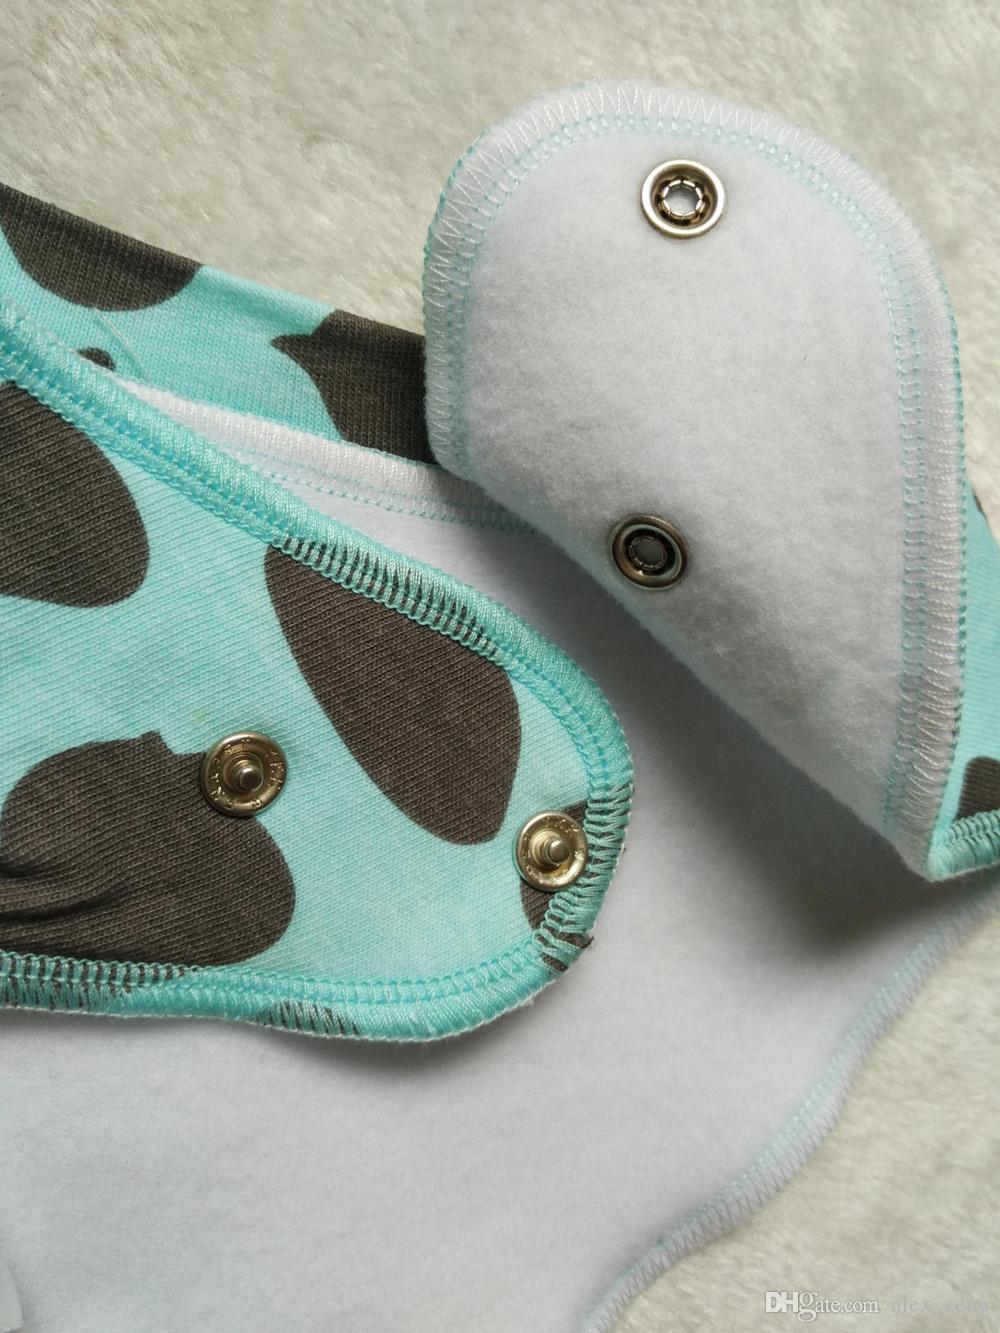 336 Tasarımlar Bebek Önlükler Karikatür Baskılı INS Önlükler Burp Bezi Yenidoğan Kız Erkek Bandana Bebek Pamuk Tükürük Bezi Ücretsiz Kargo